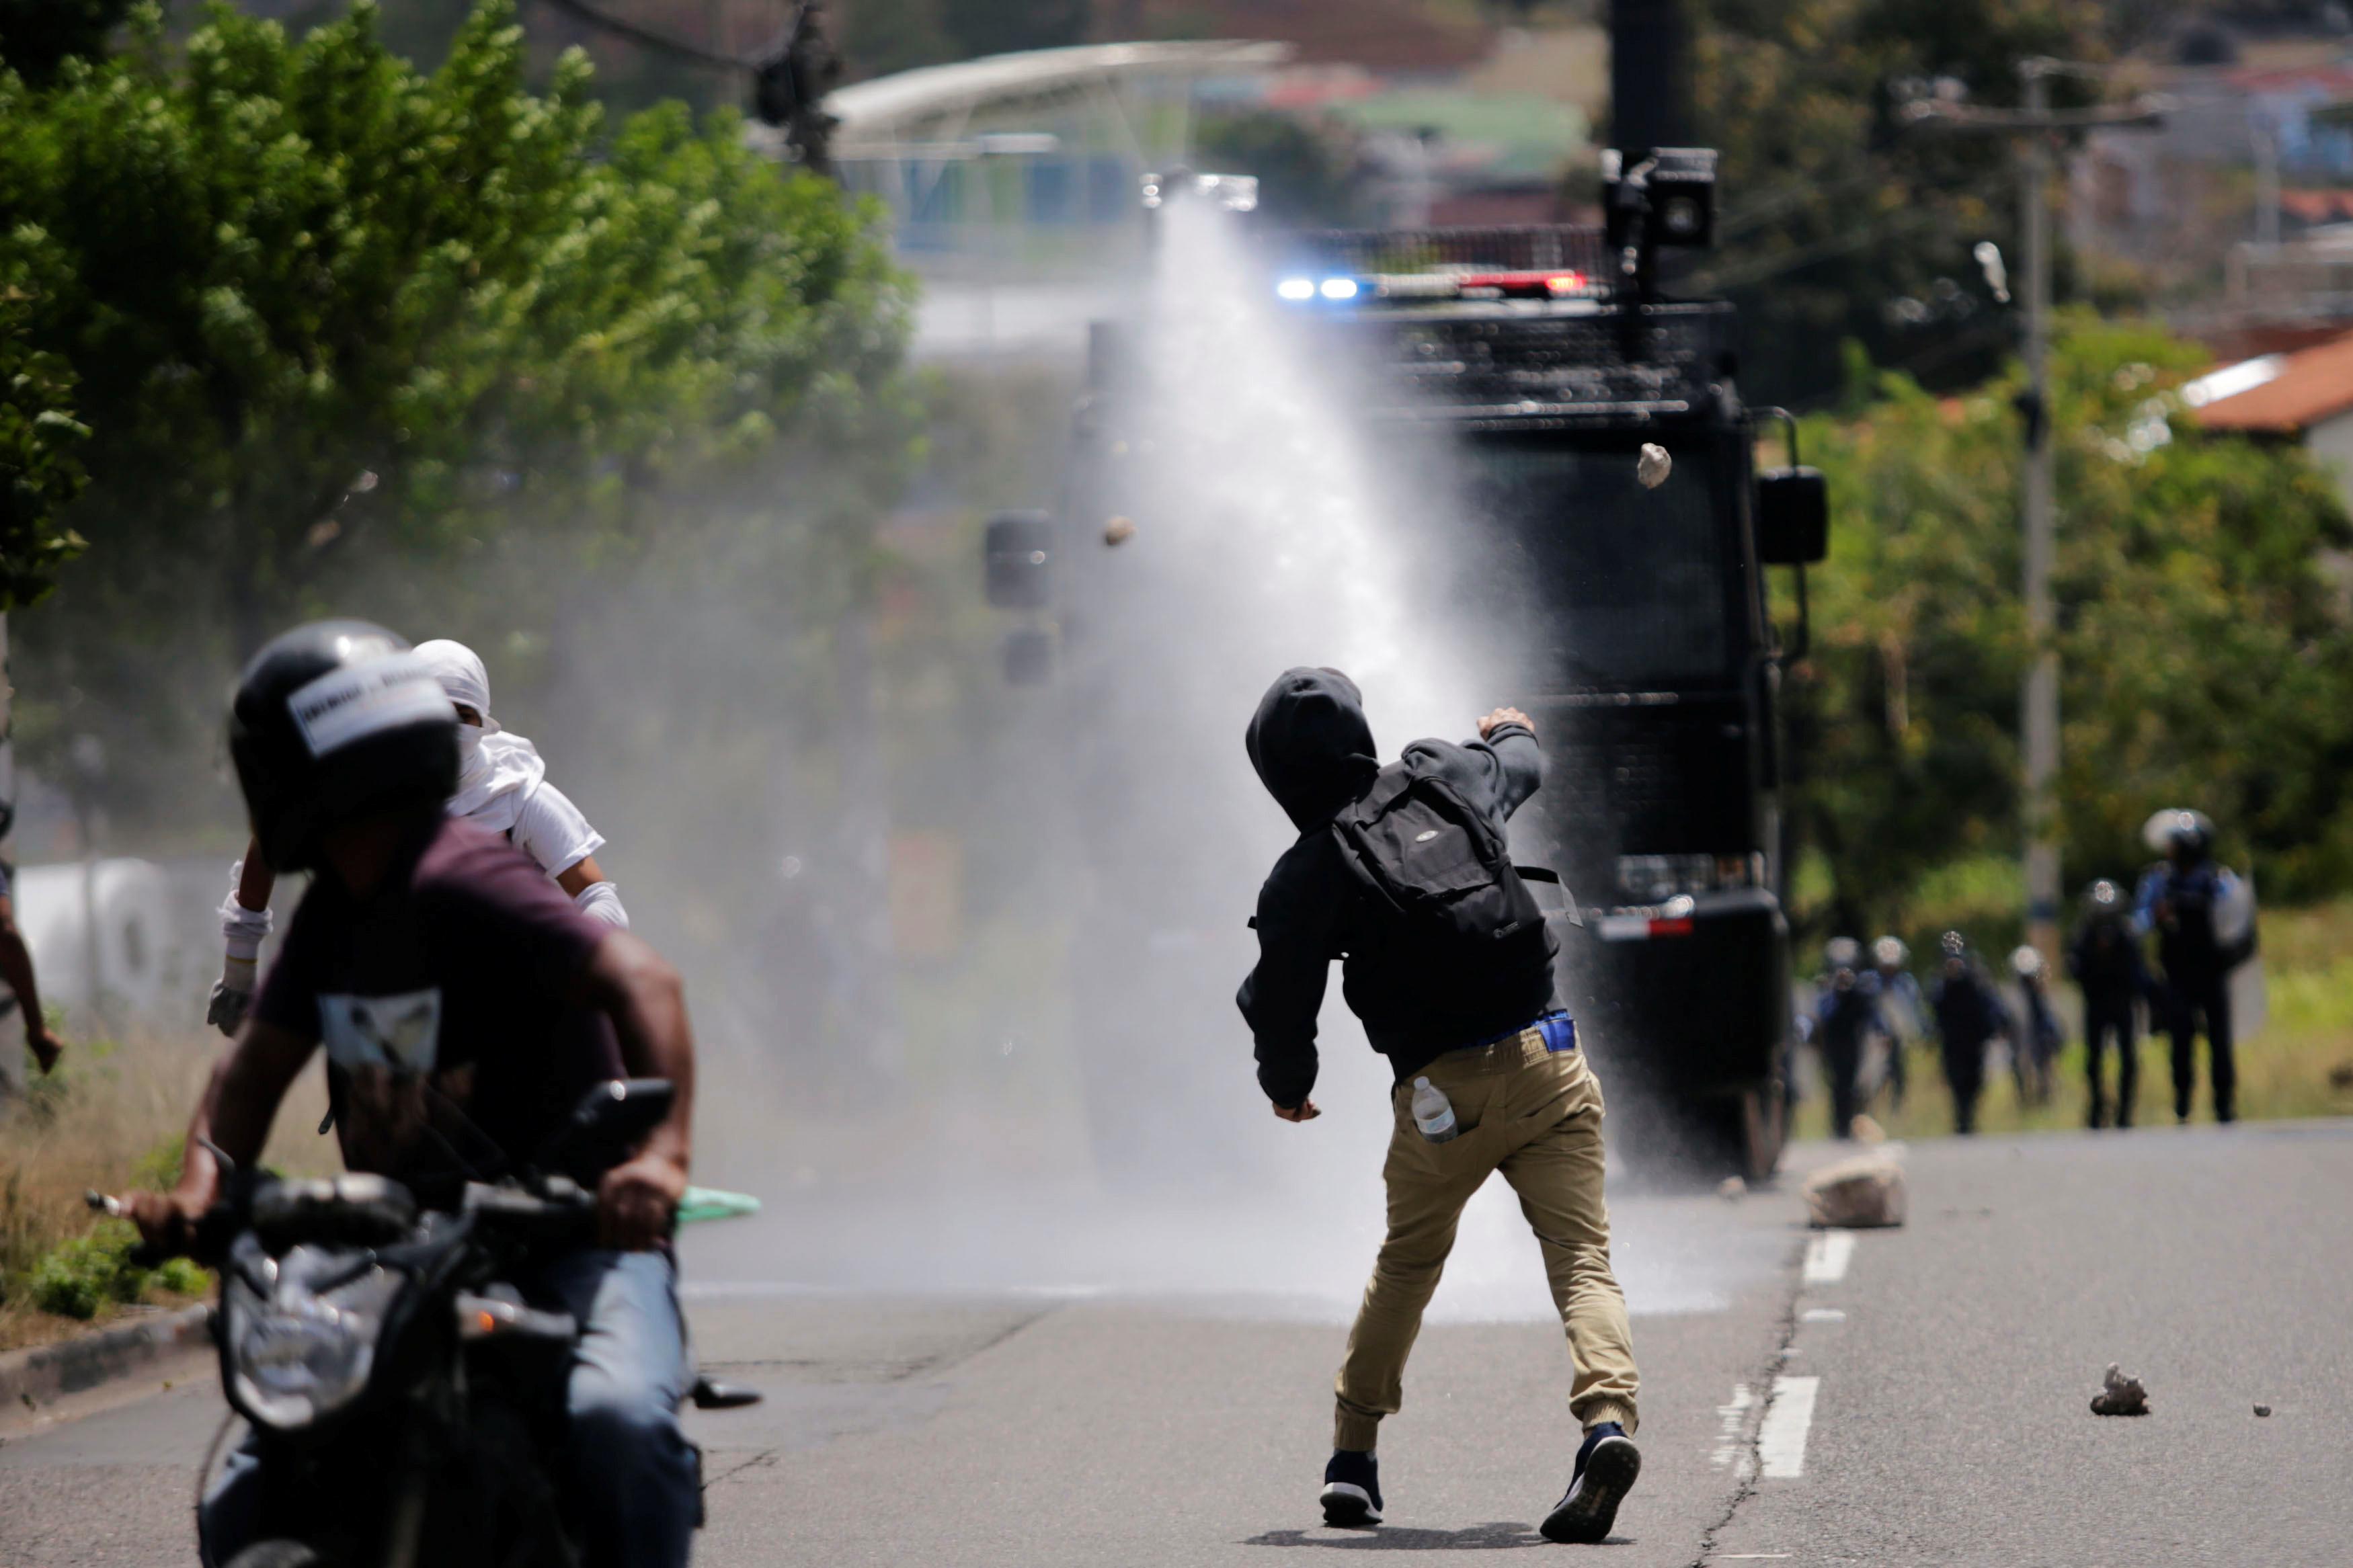 1326679-الامن-فى-هندوراس-يفرق-الاحتجاجات-بخراطيم-المياه